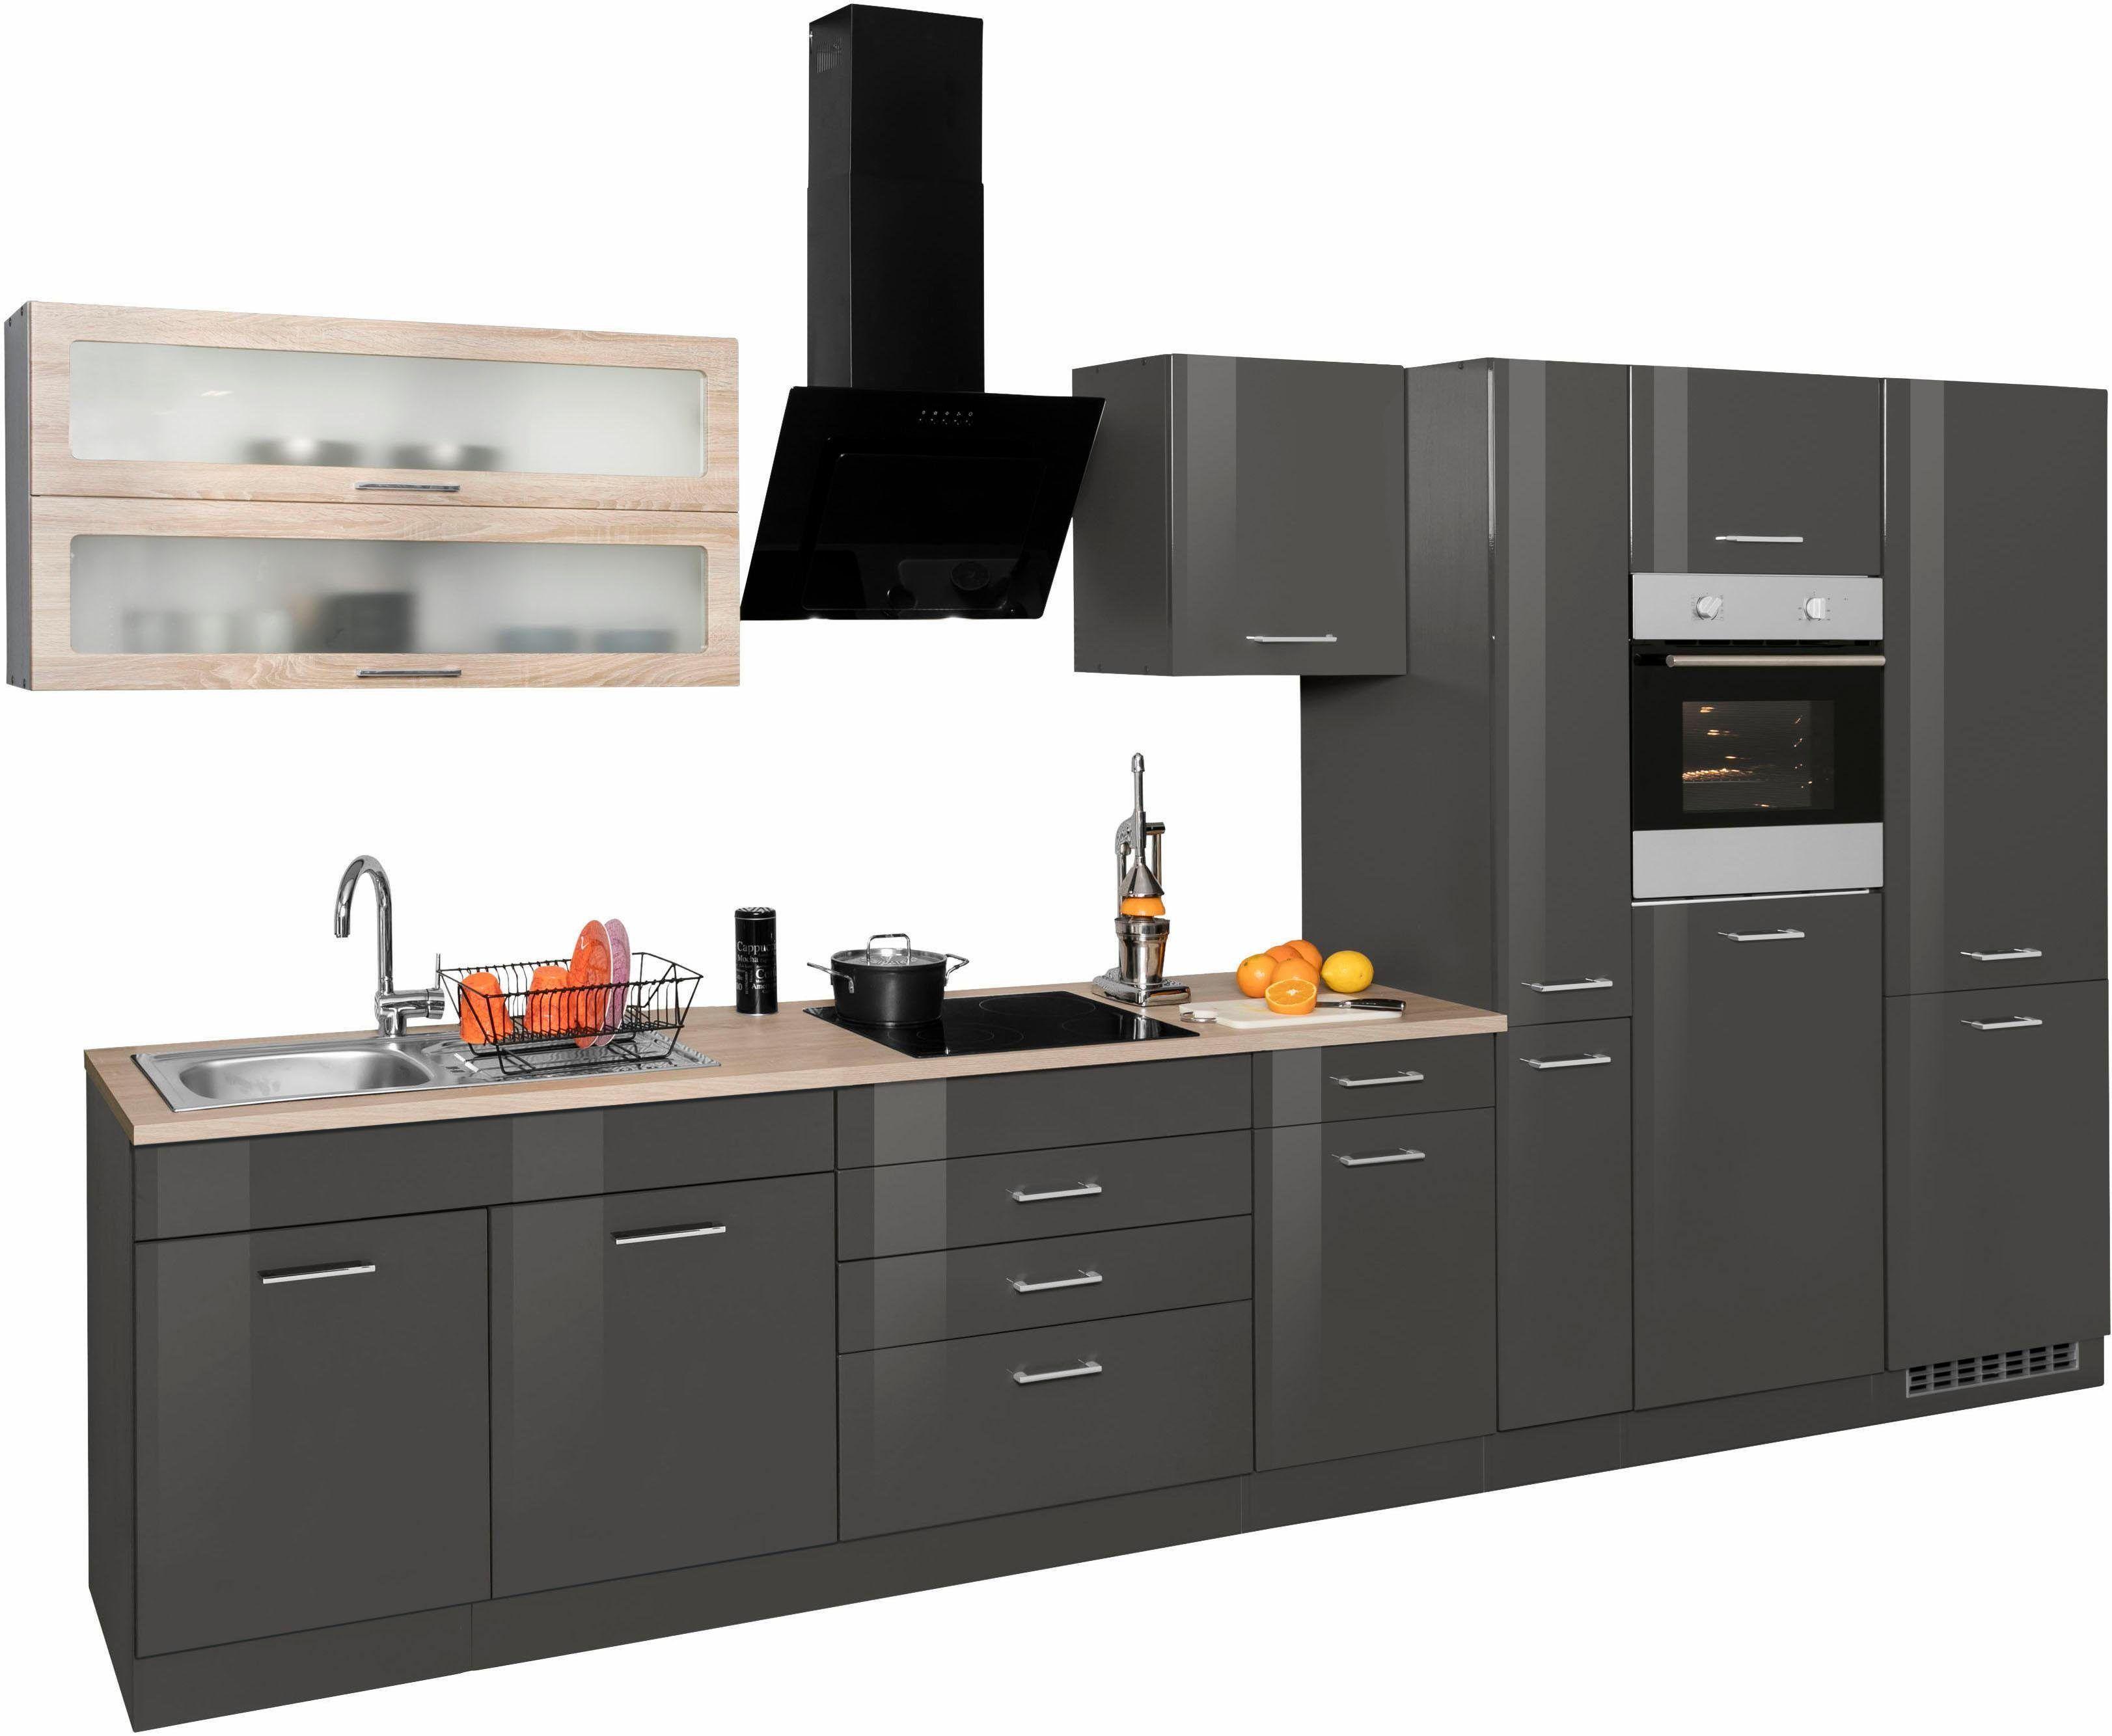 Küchenzeile bestellen  Küchenzeile ohne E-Geräte »Utah« grau, Held Möbel Jetzt bestellen ...